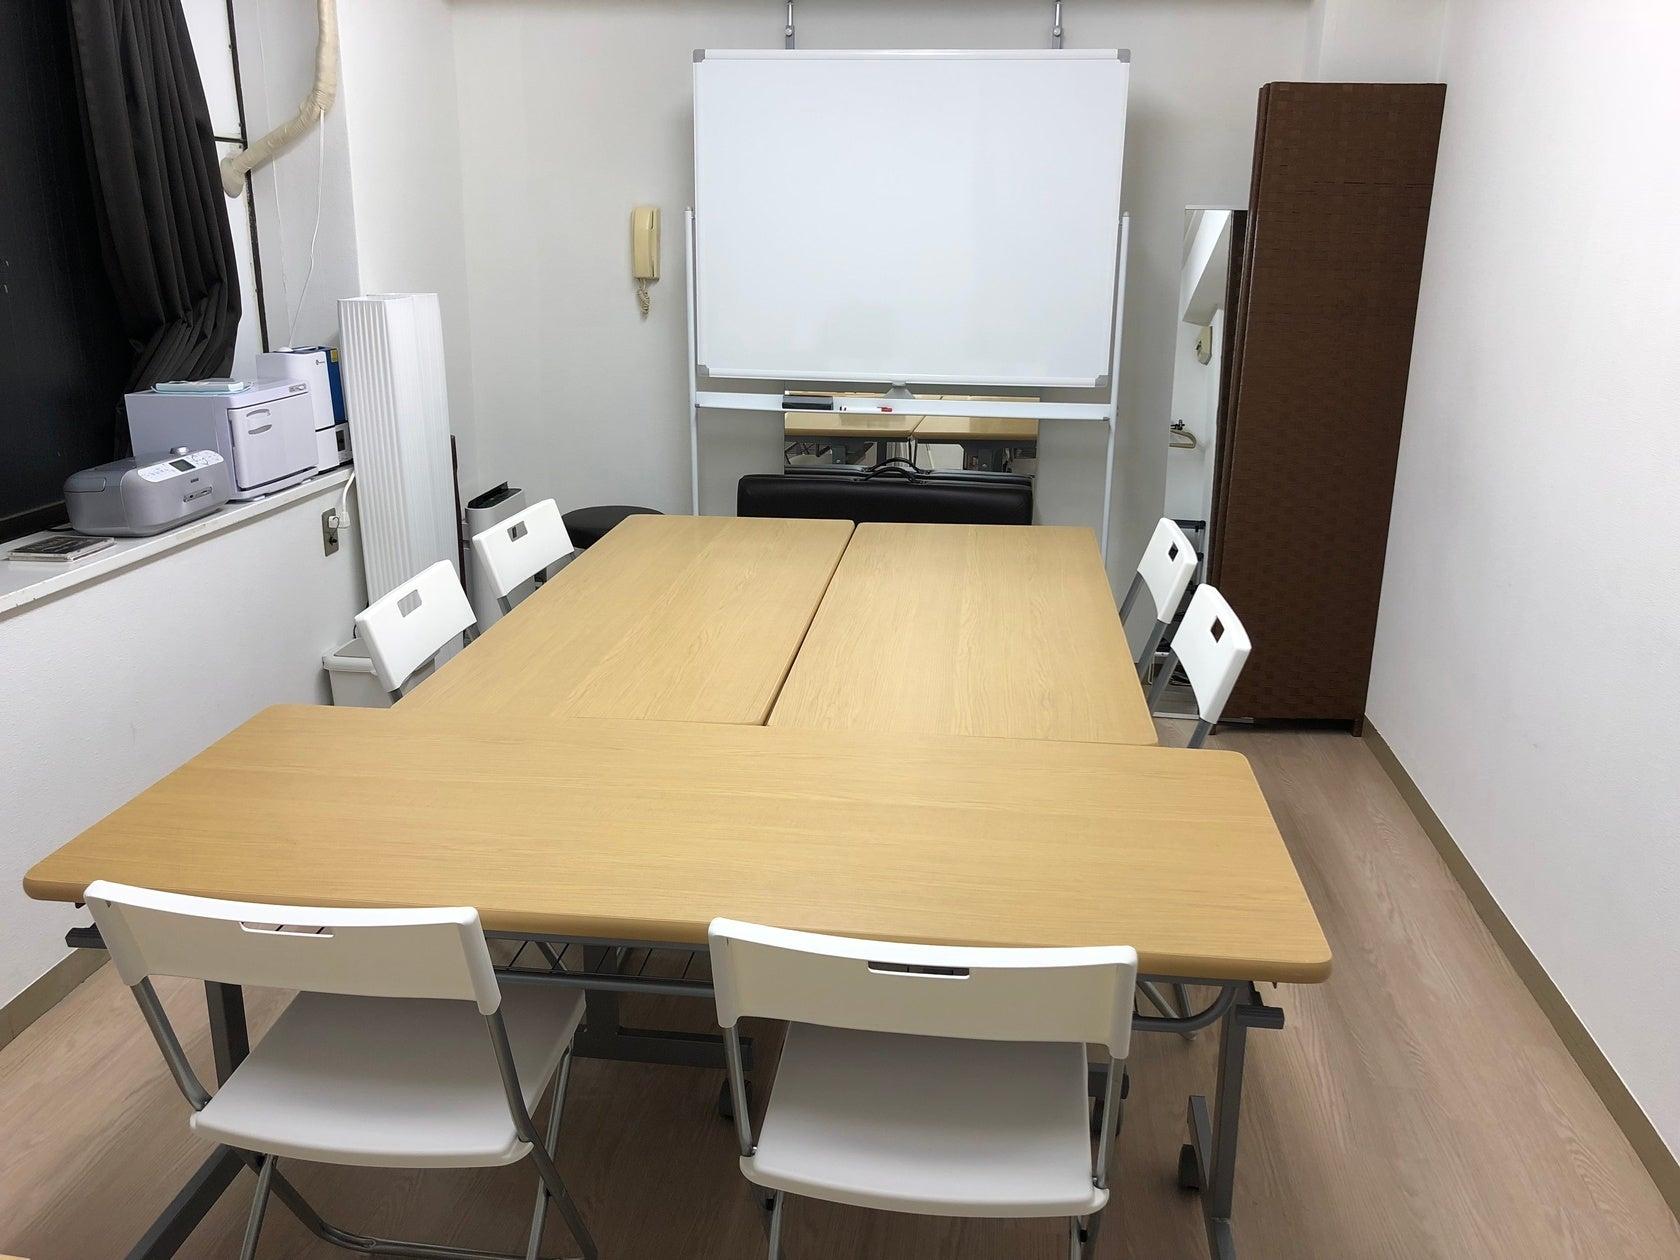 【Aルーム】横浜駅みなみ西口から徒歩6分の完全個室型レンタルスペース(横浜駅みなみ西口から徒歩6分の完全個室型レンタルスペース) の写真0